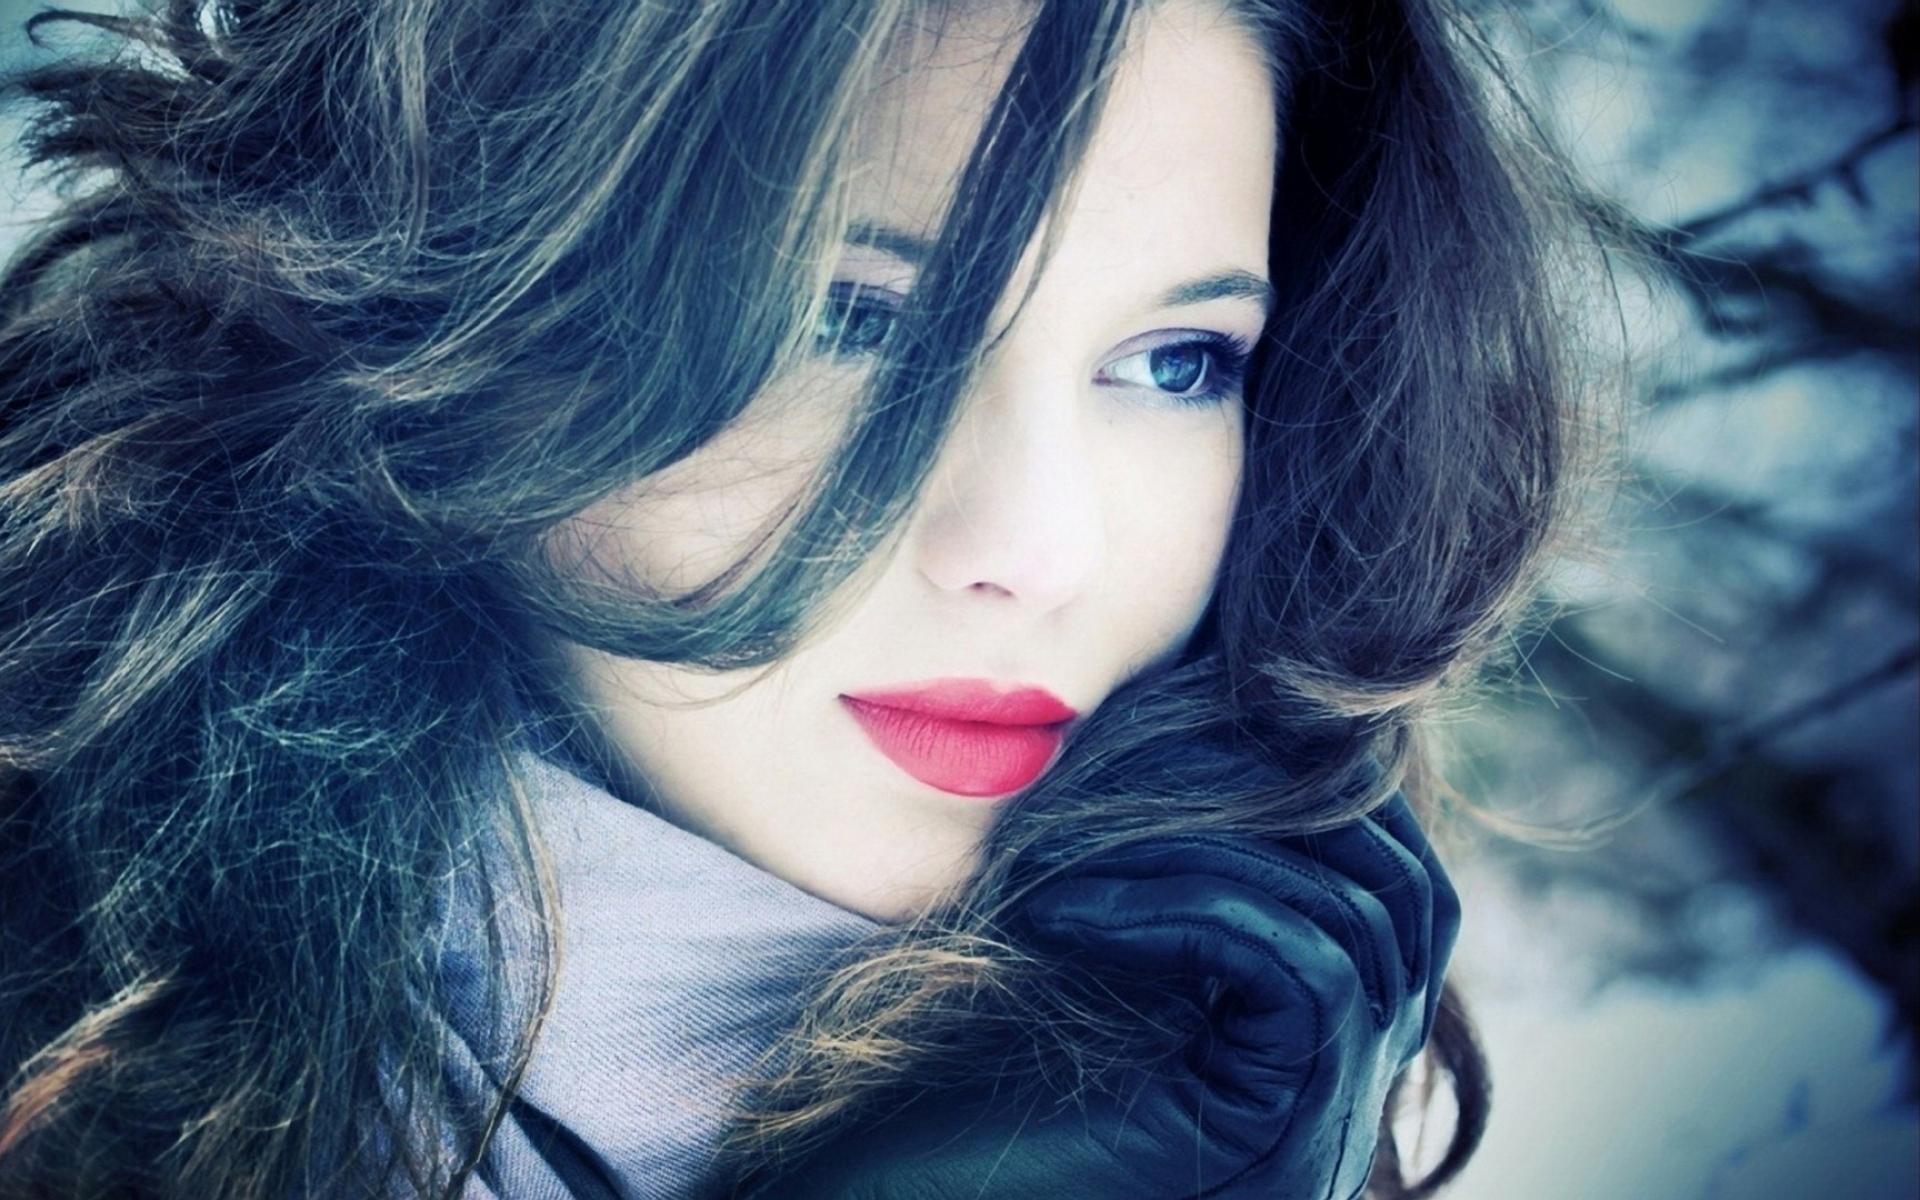 Картинки Голубые глаза, девушка, волосы, губная помада, макияж фото и обои на рабочий стол